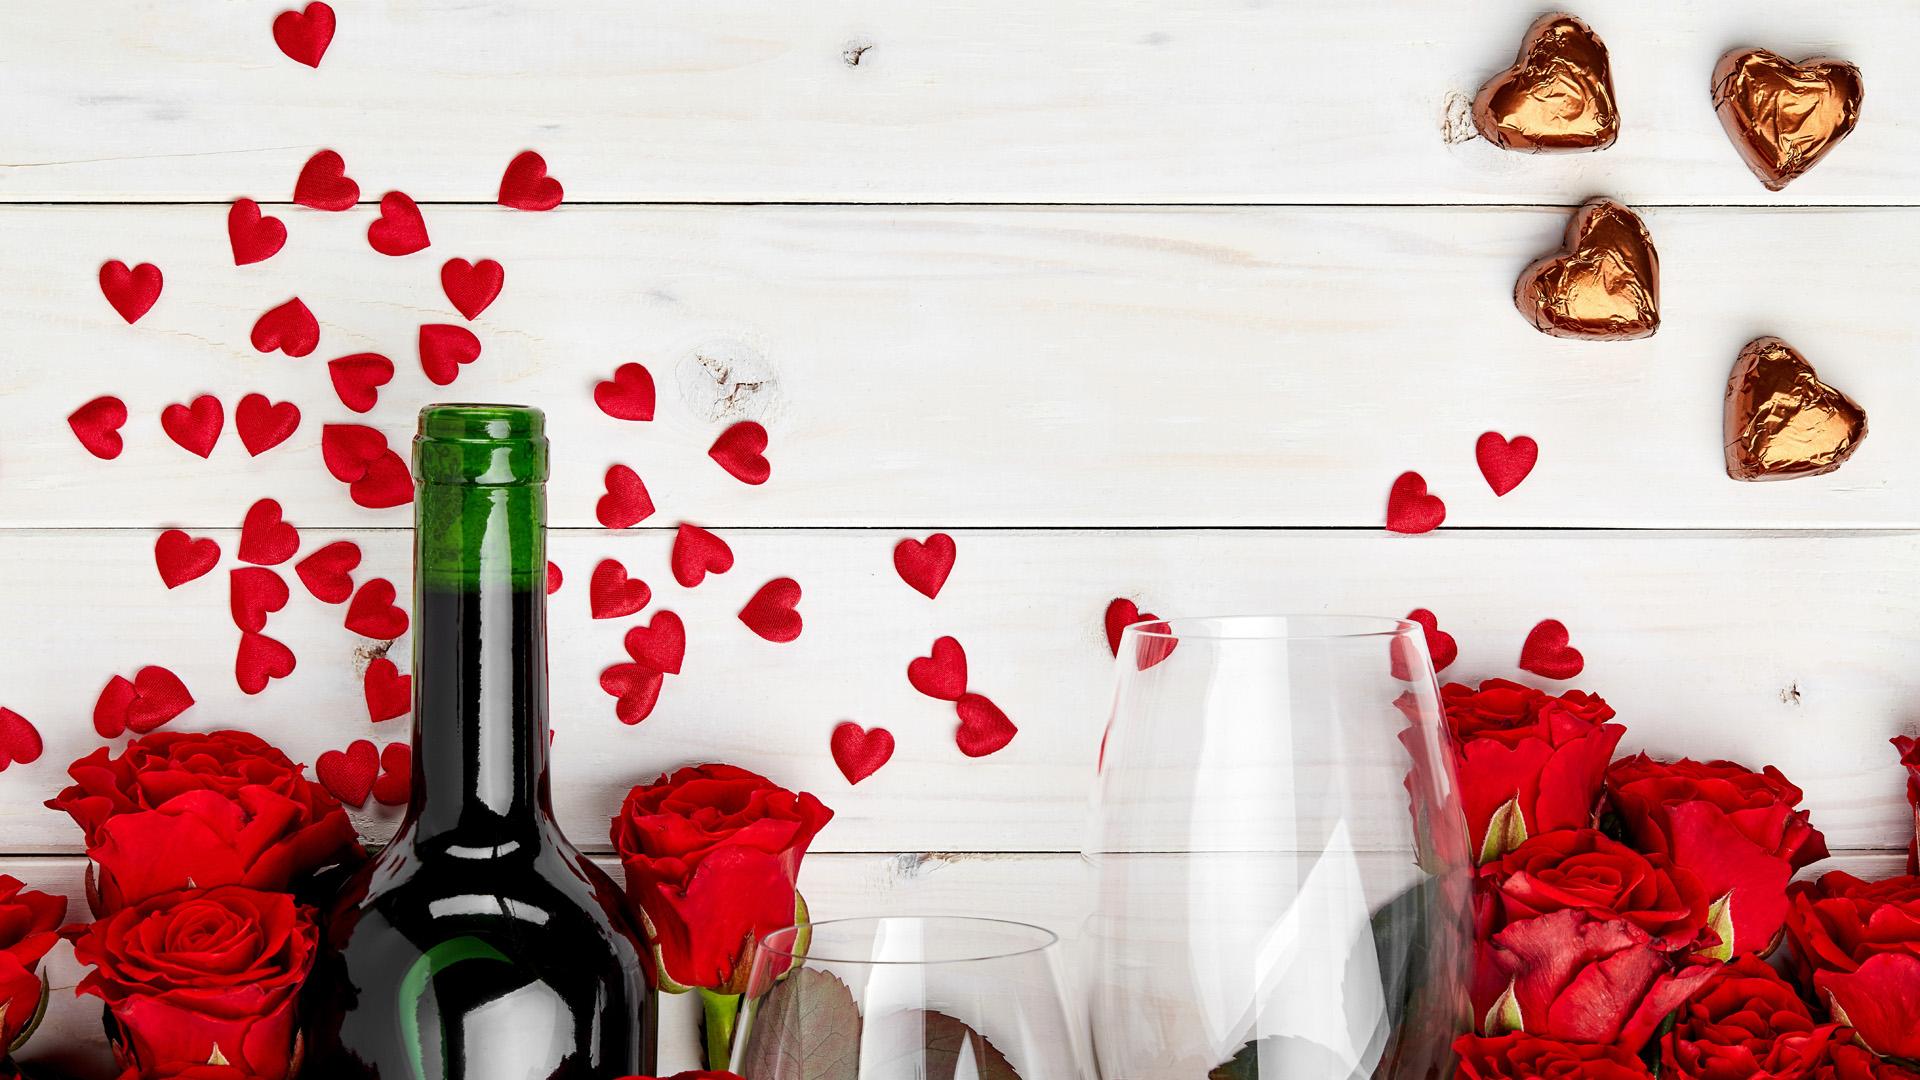 Lo que mantiene vigente a San Valentín es la celebración del amor, y para hacerlo los protagonistas eligen homenajear y obsequiar a su enamorado (Getty Images)